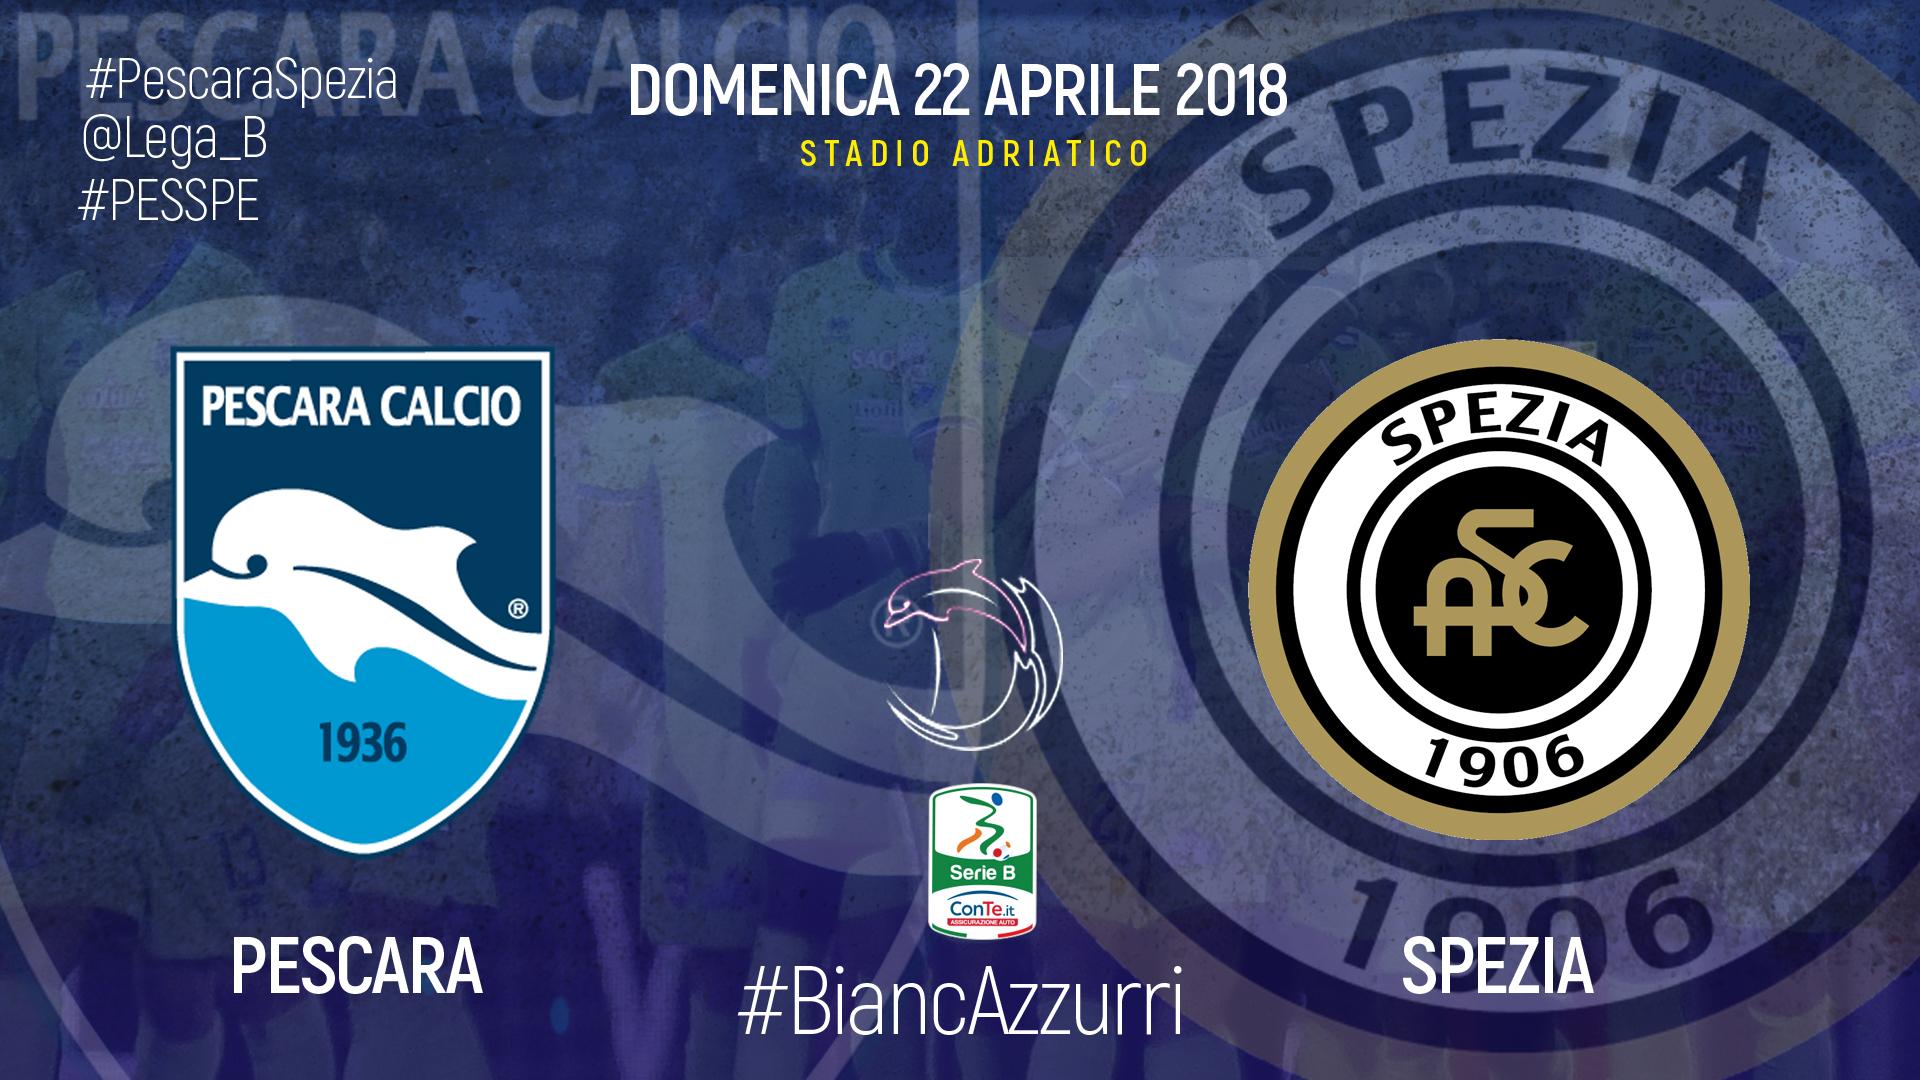 Info Biglietti #PescaraSpezia #PESSPE @Lega_B  PESCARA Calcio 1936